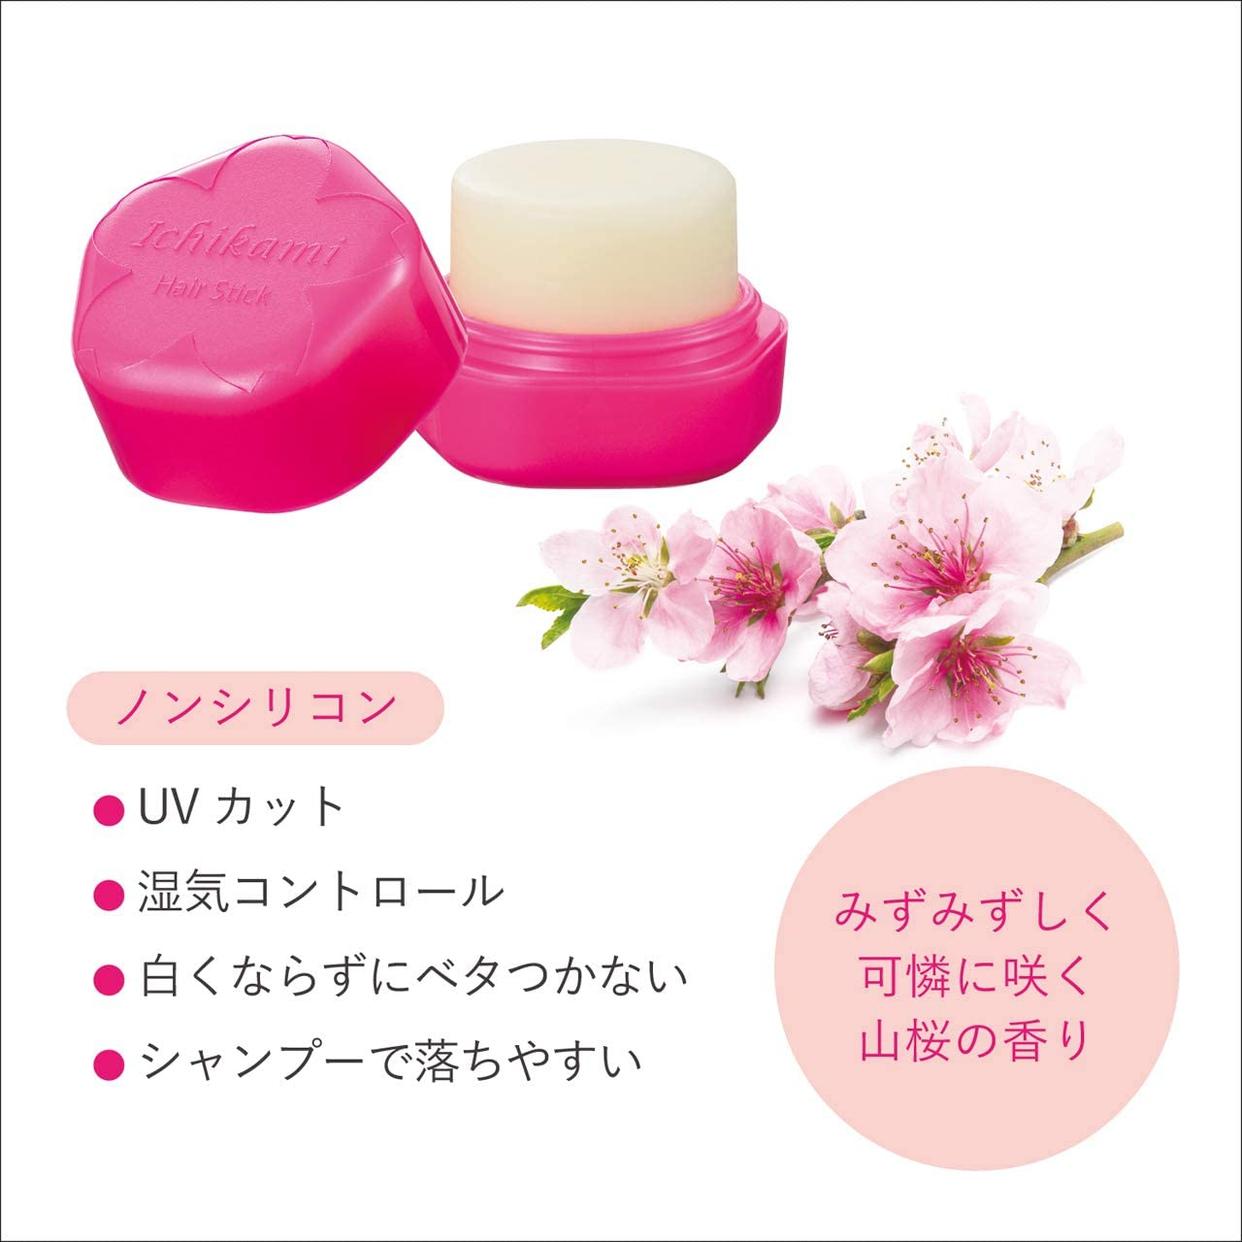 いち髪(ICHIKAMI) ヘアキープ和草スティック(スーパーハード)の商品画像6